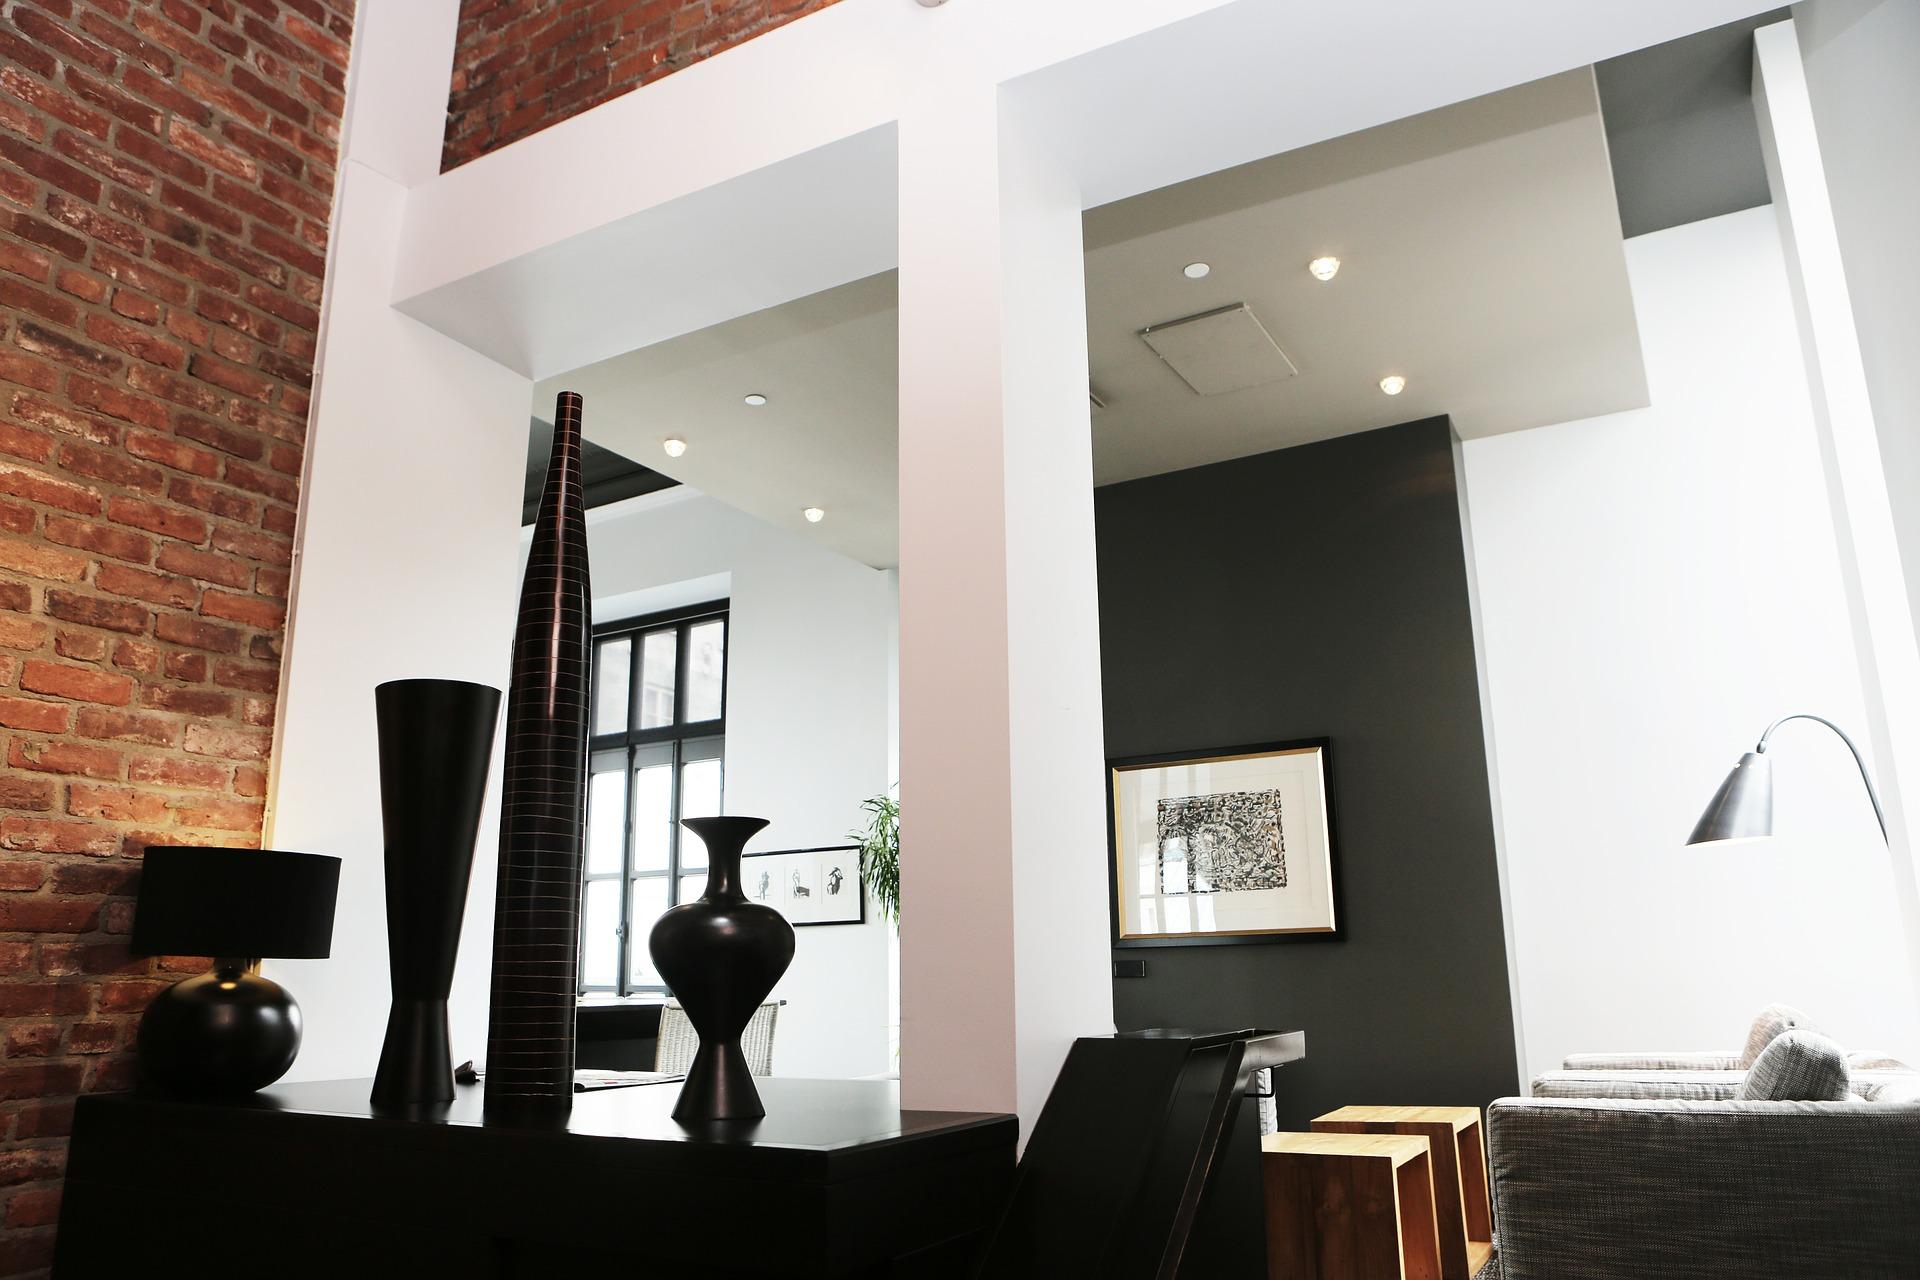 Osvětlení loftu a podkroví: konkrétní tipy a rady, jak na to